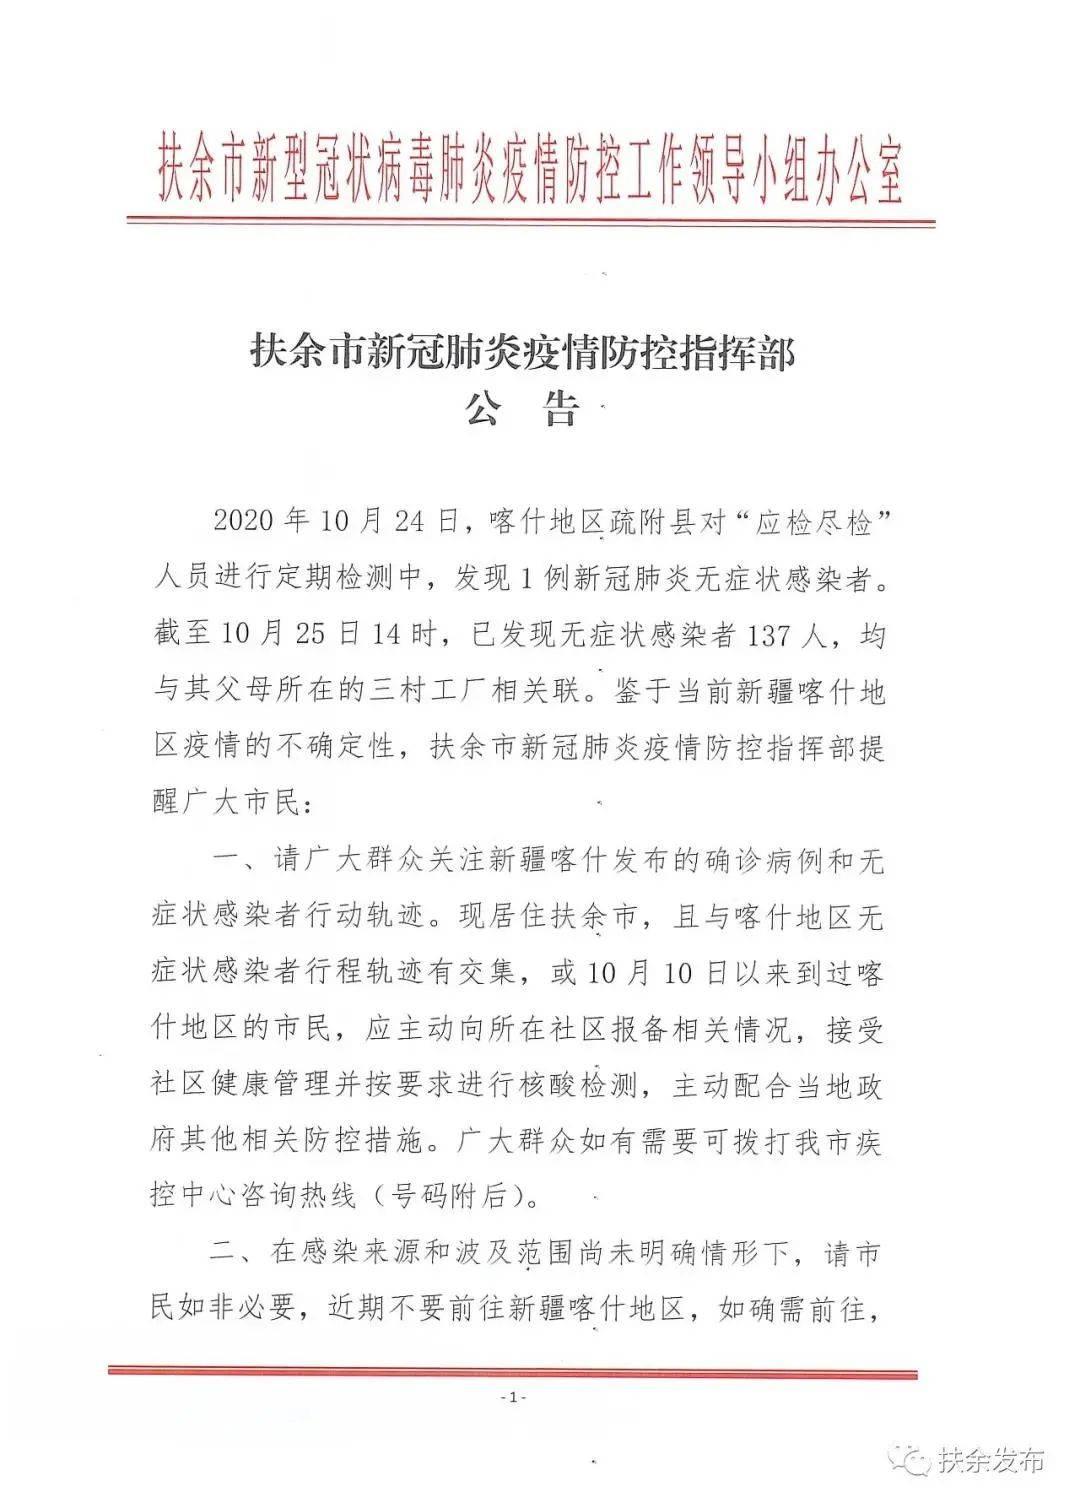 《【杏耀注册登录】最新!吉林省多地发布重要公告!》